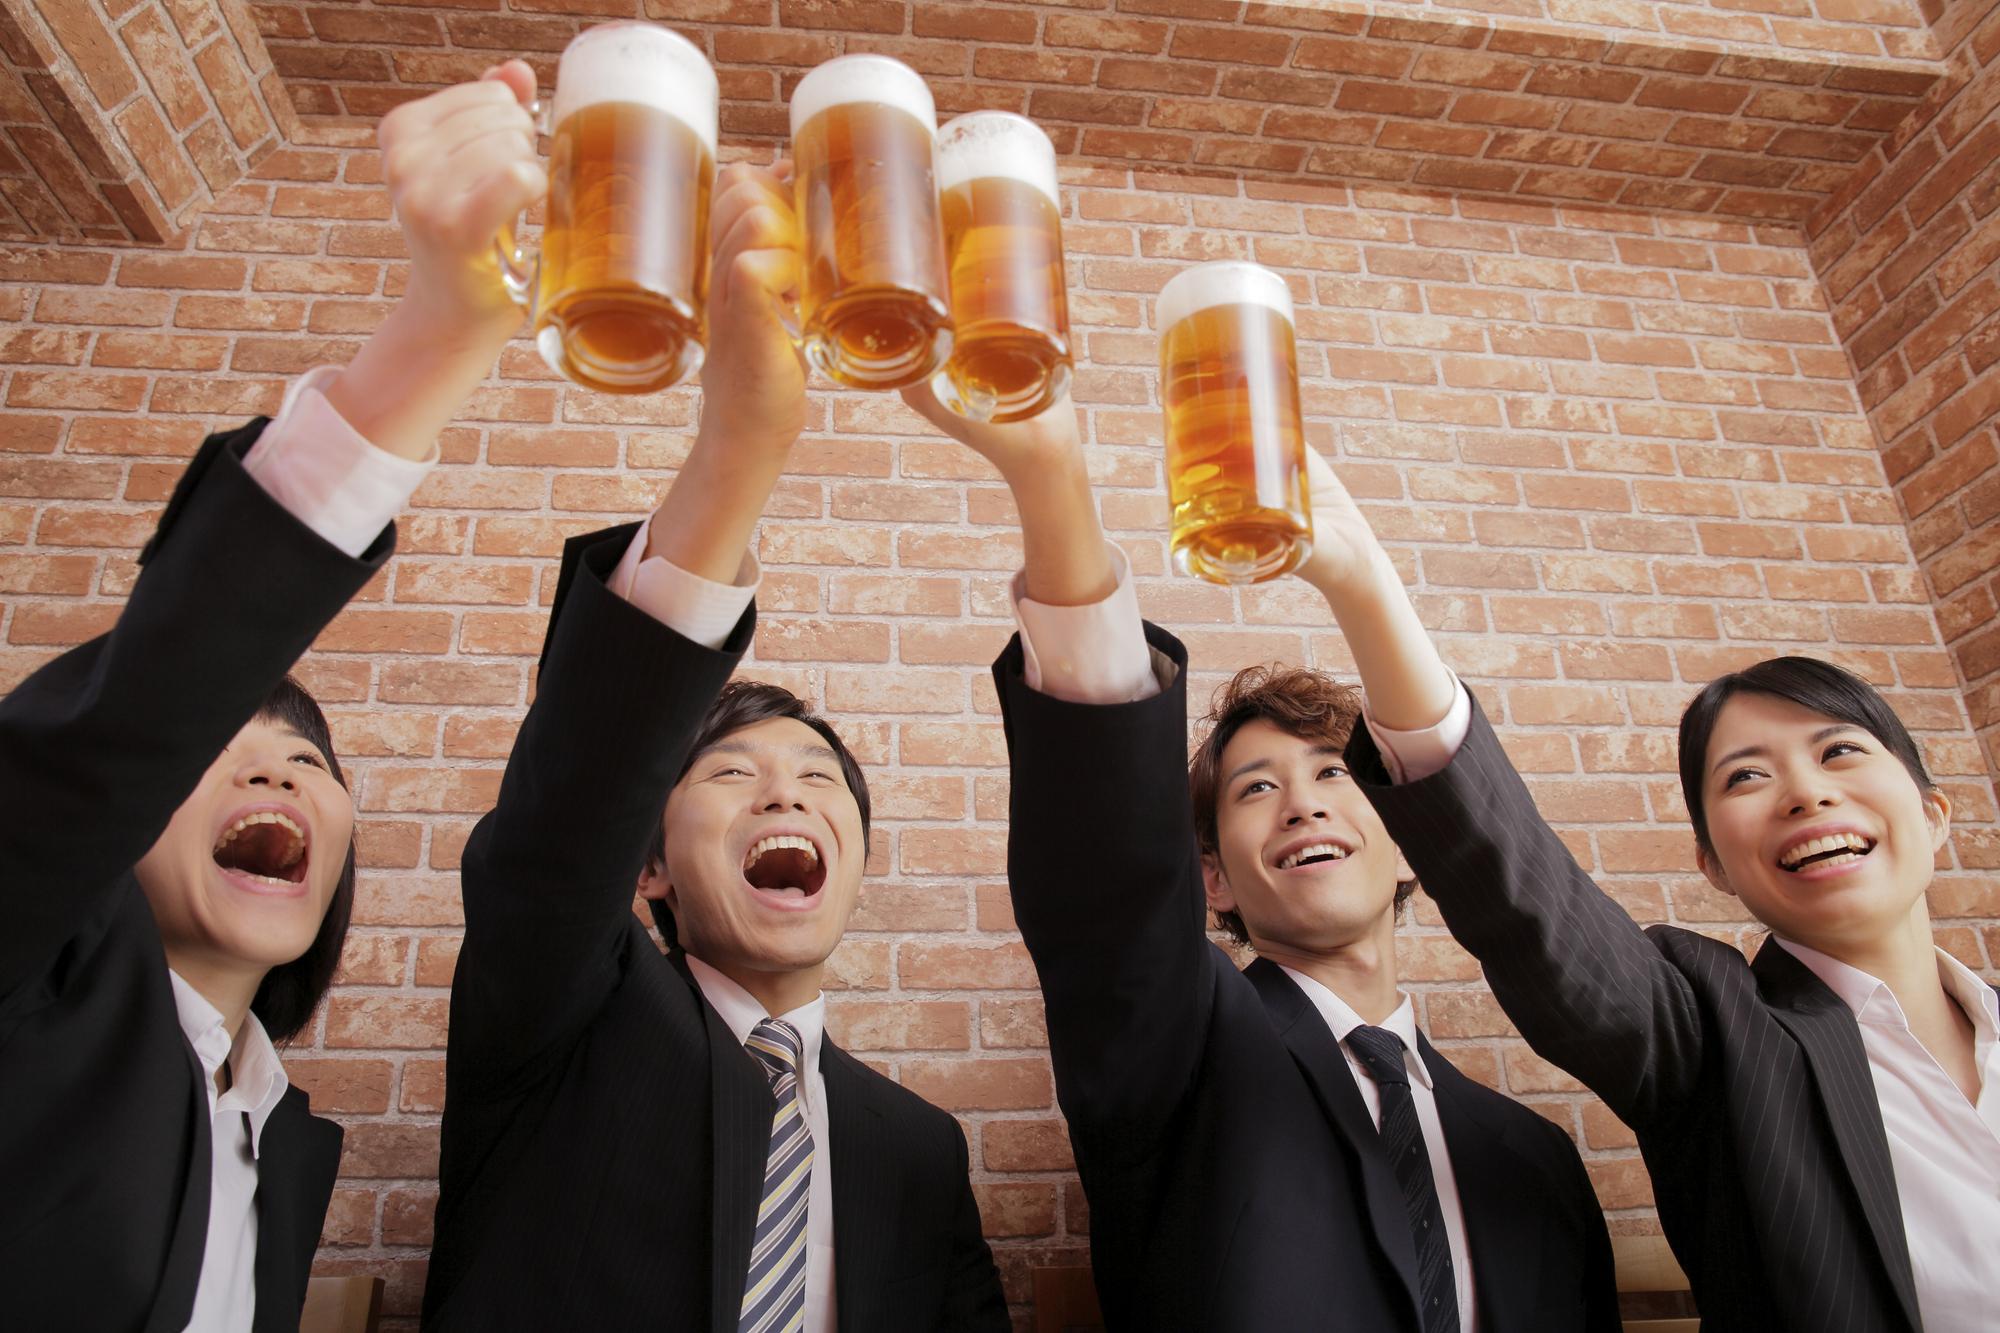 【新宿エリア】忘年会におすすめ!貸切できる人気スペースランキング!